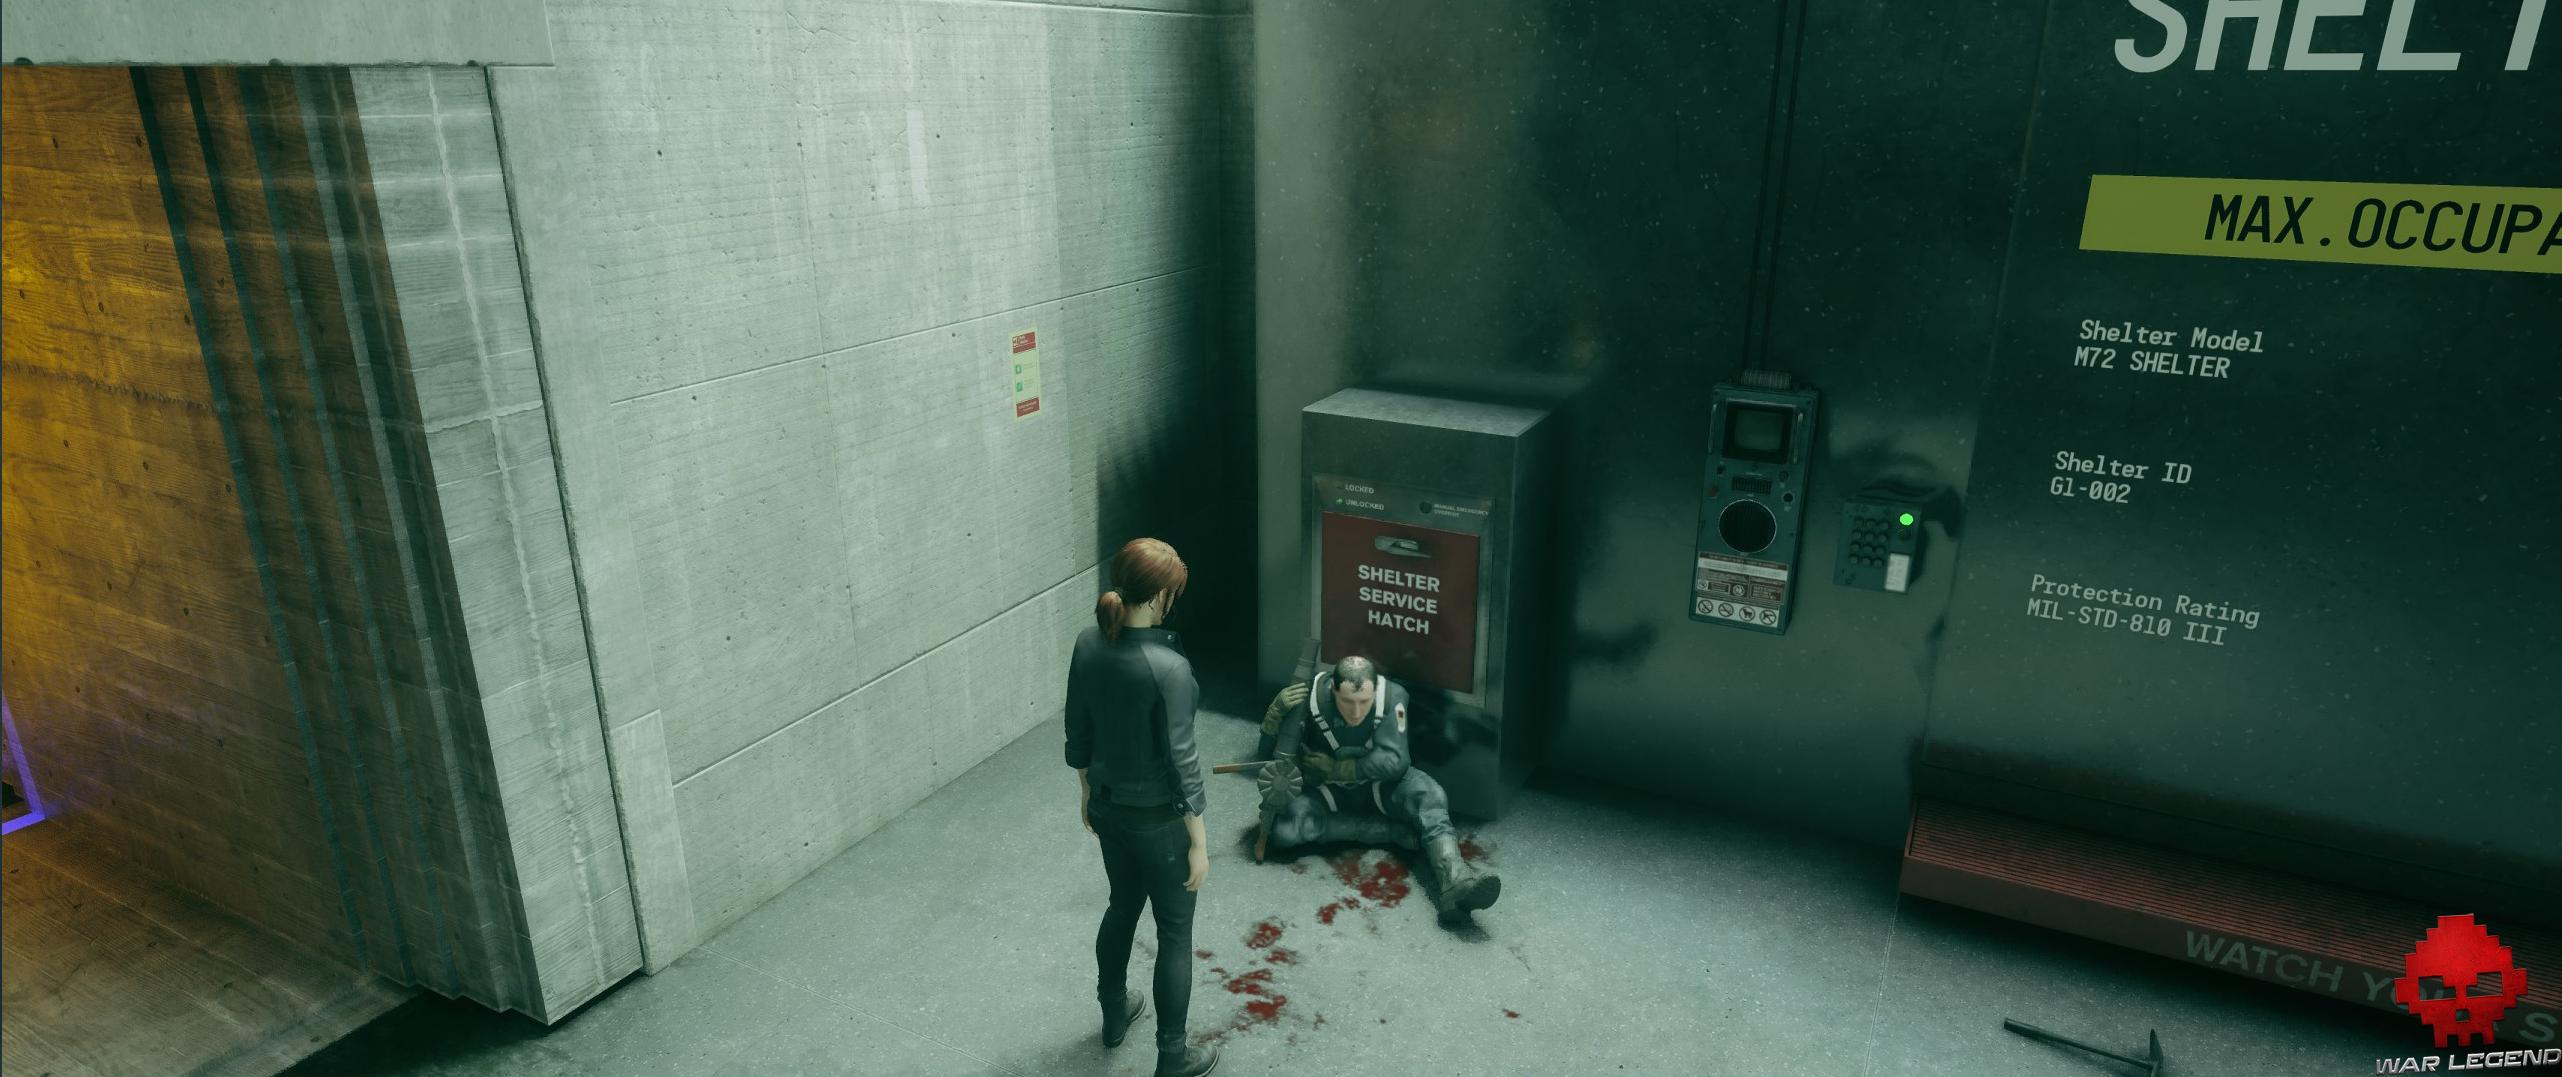 Test Control - Personnage blessé